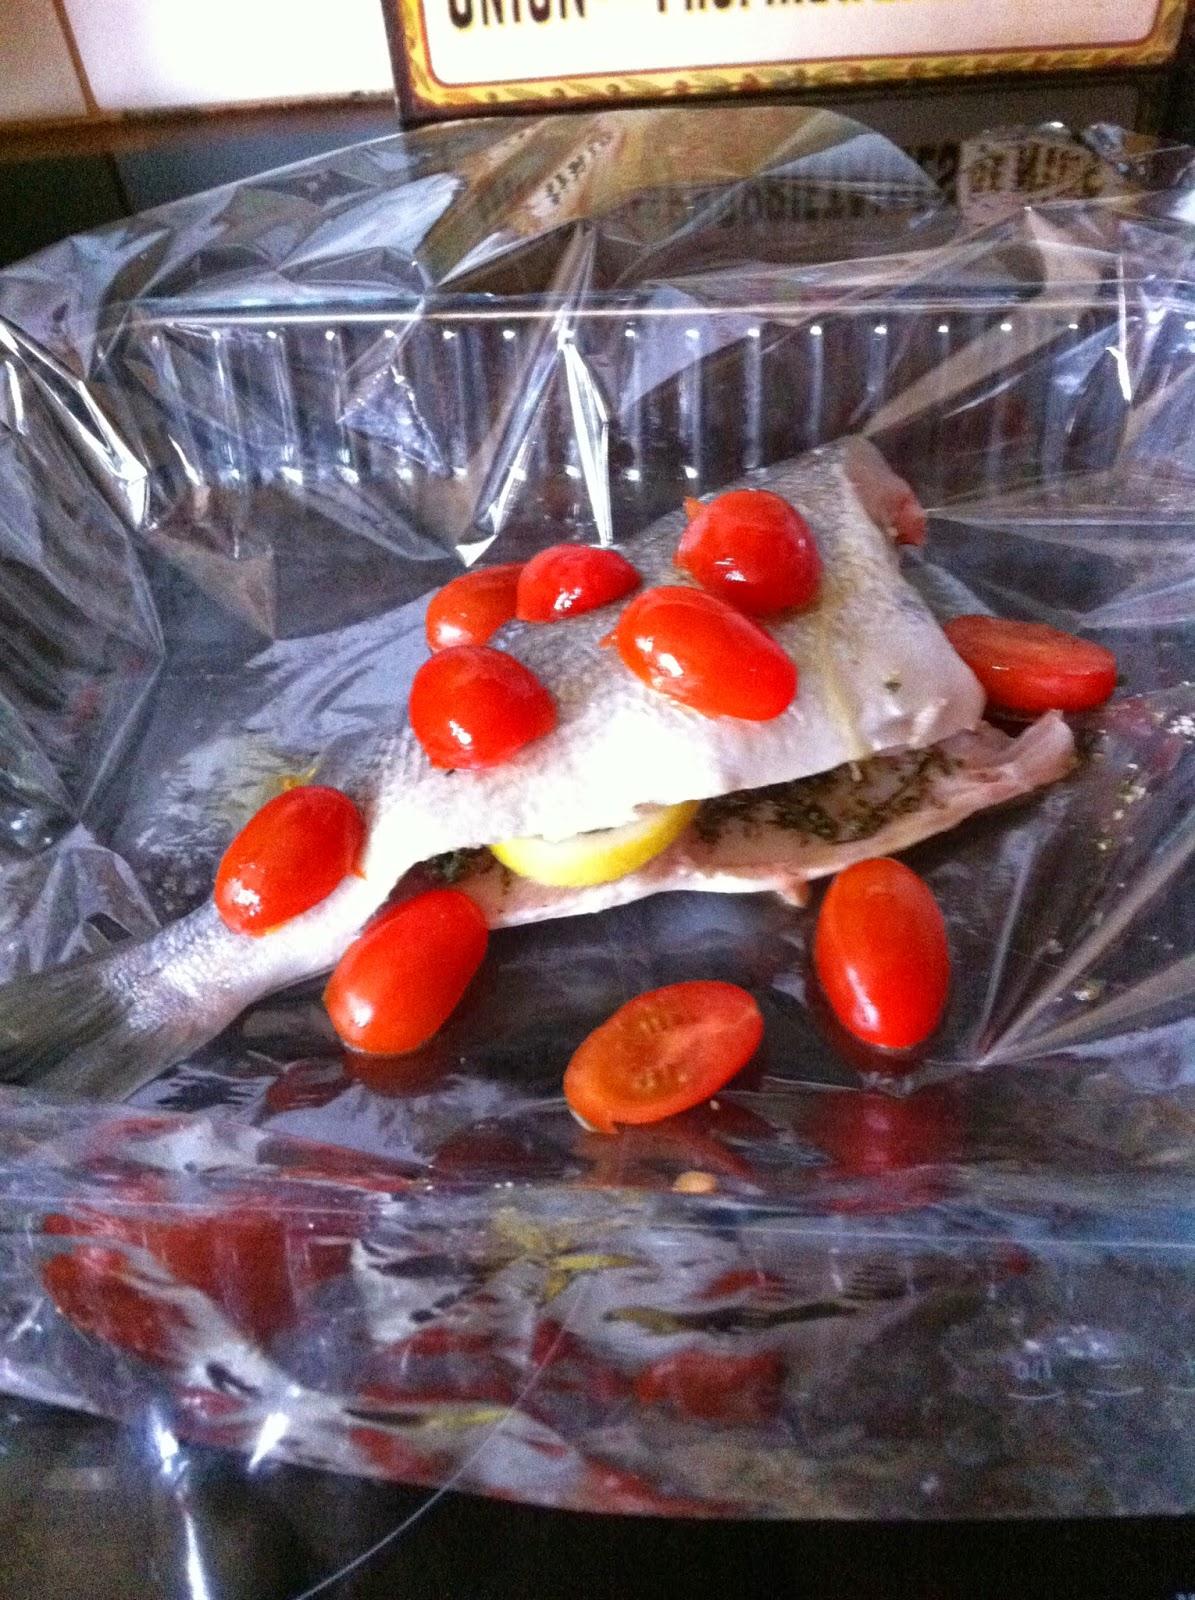 Fast metabolism diet france dejeuner ou diner ph 3 for Dorade en papillote au barbecue